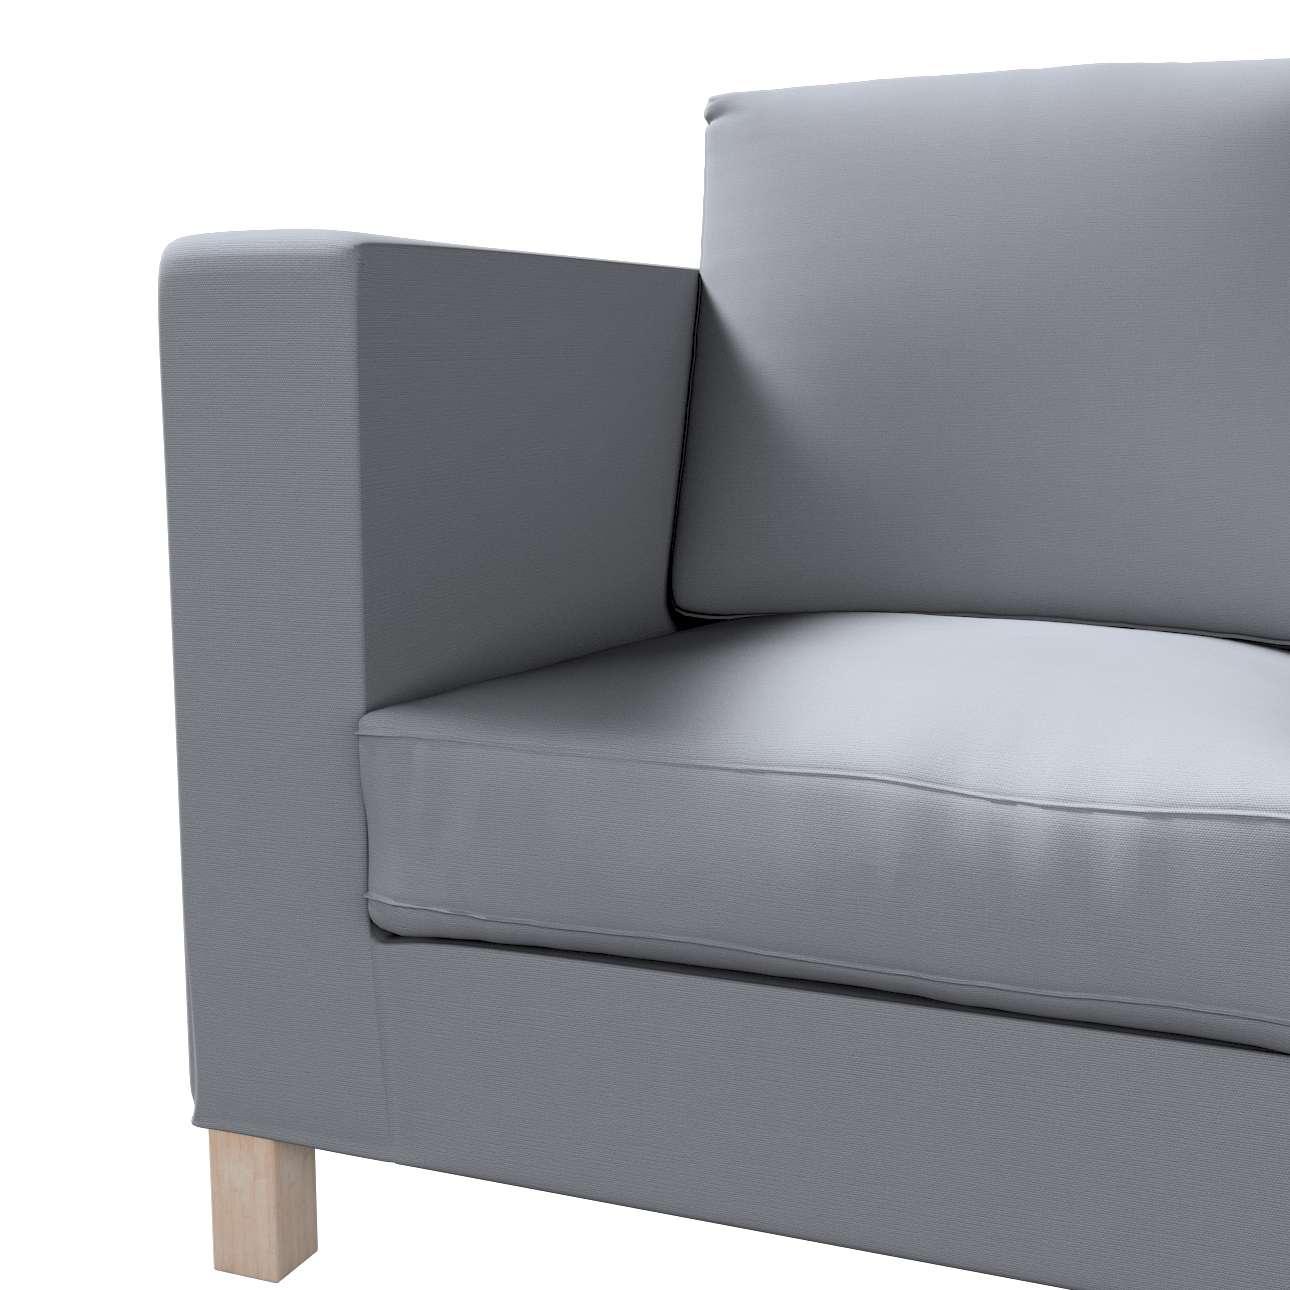 Pokrowiec na sofę Karlanda 3-osobową nierozkładaną, krótki w kolekcji Cotton Panama, tkanina: 702-07